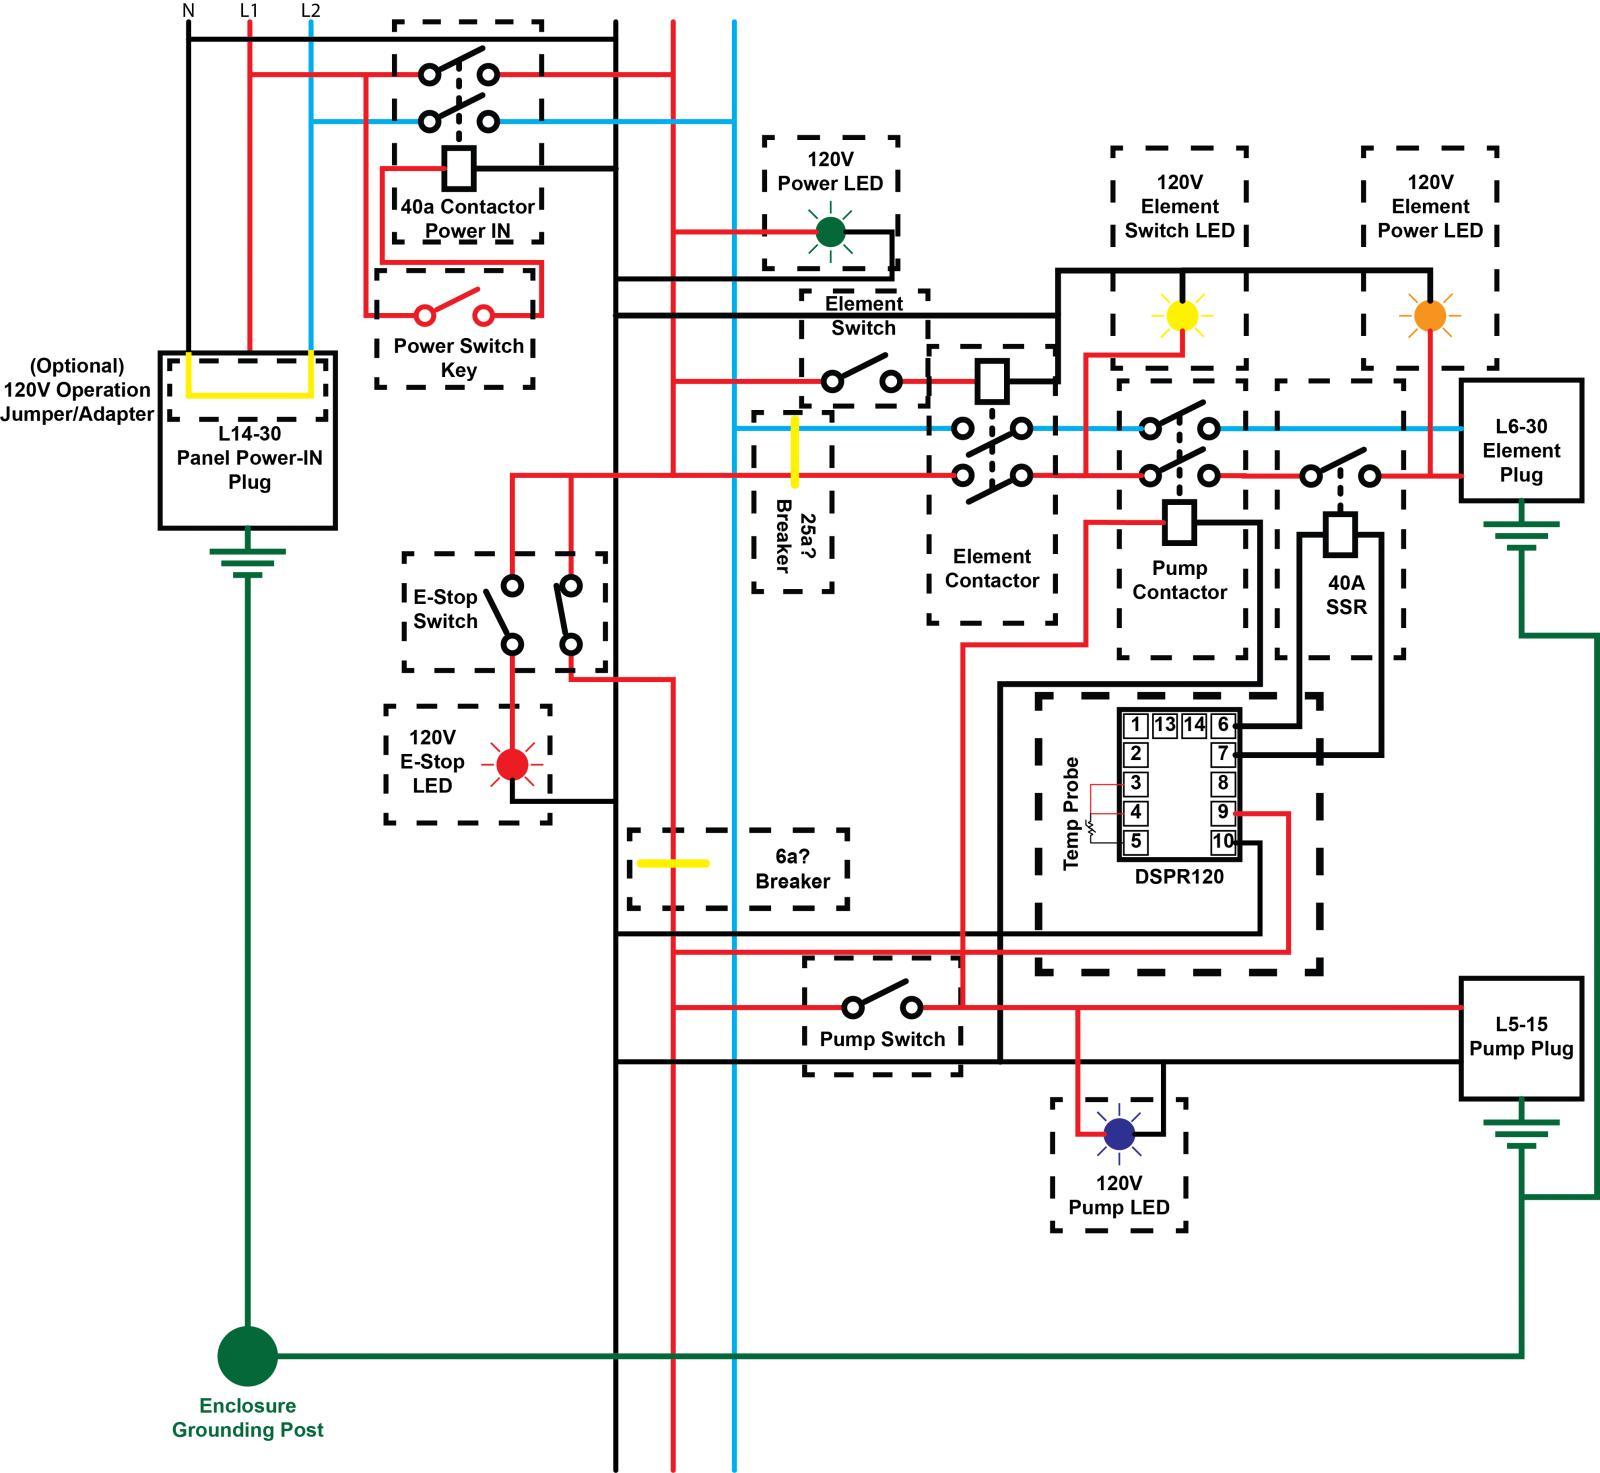 hight resolution of 120v 240v wiring diagram r1 jpg